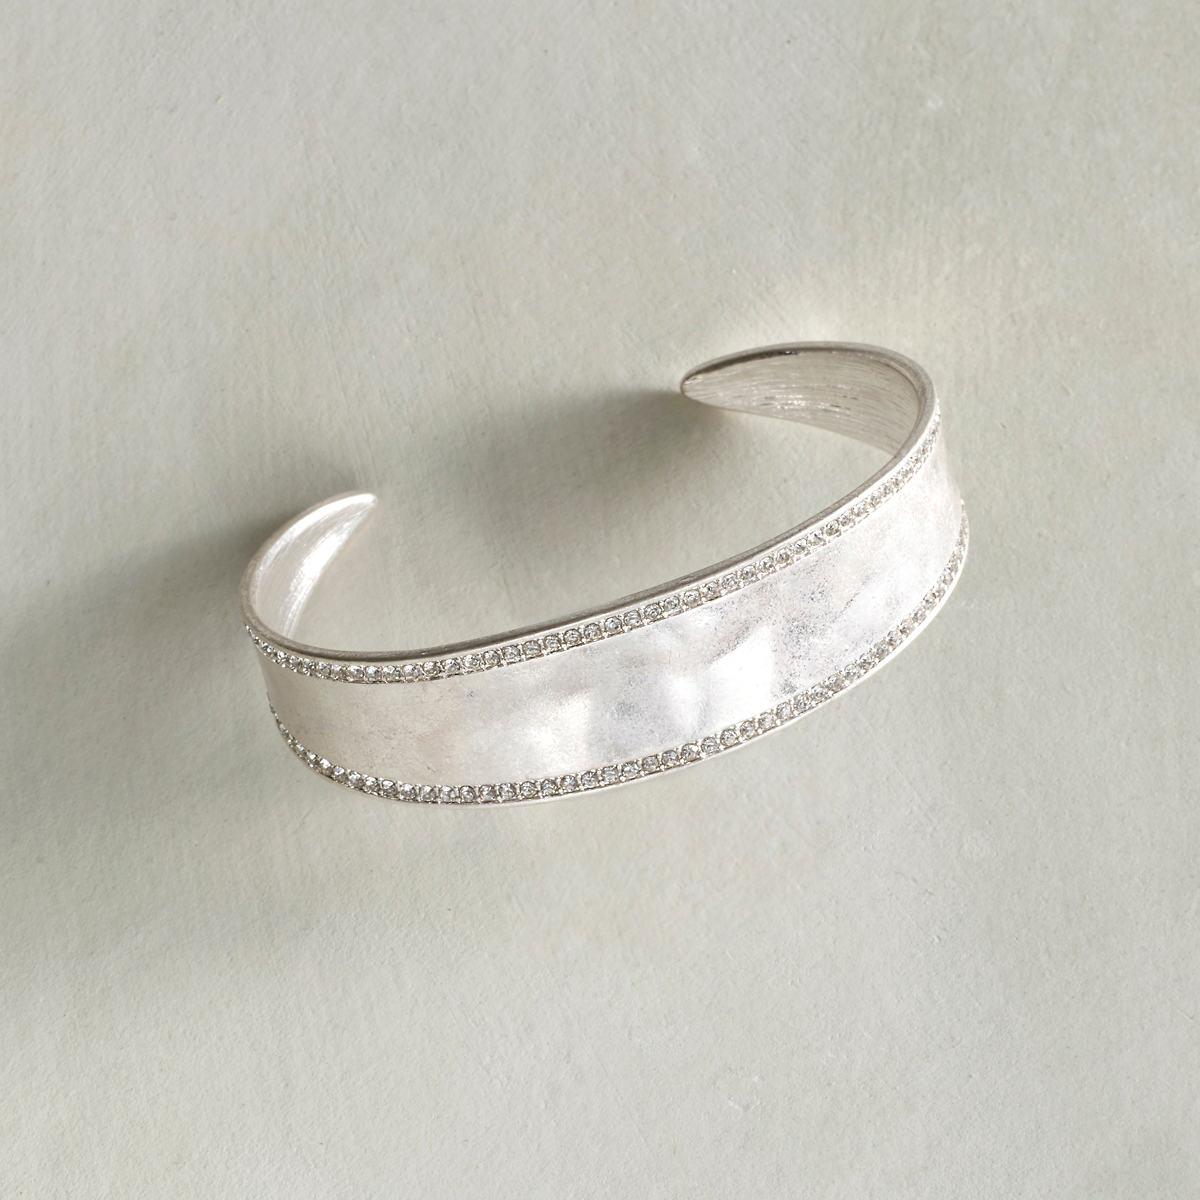 Zara Silver Bracelet